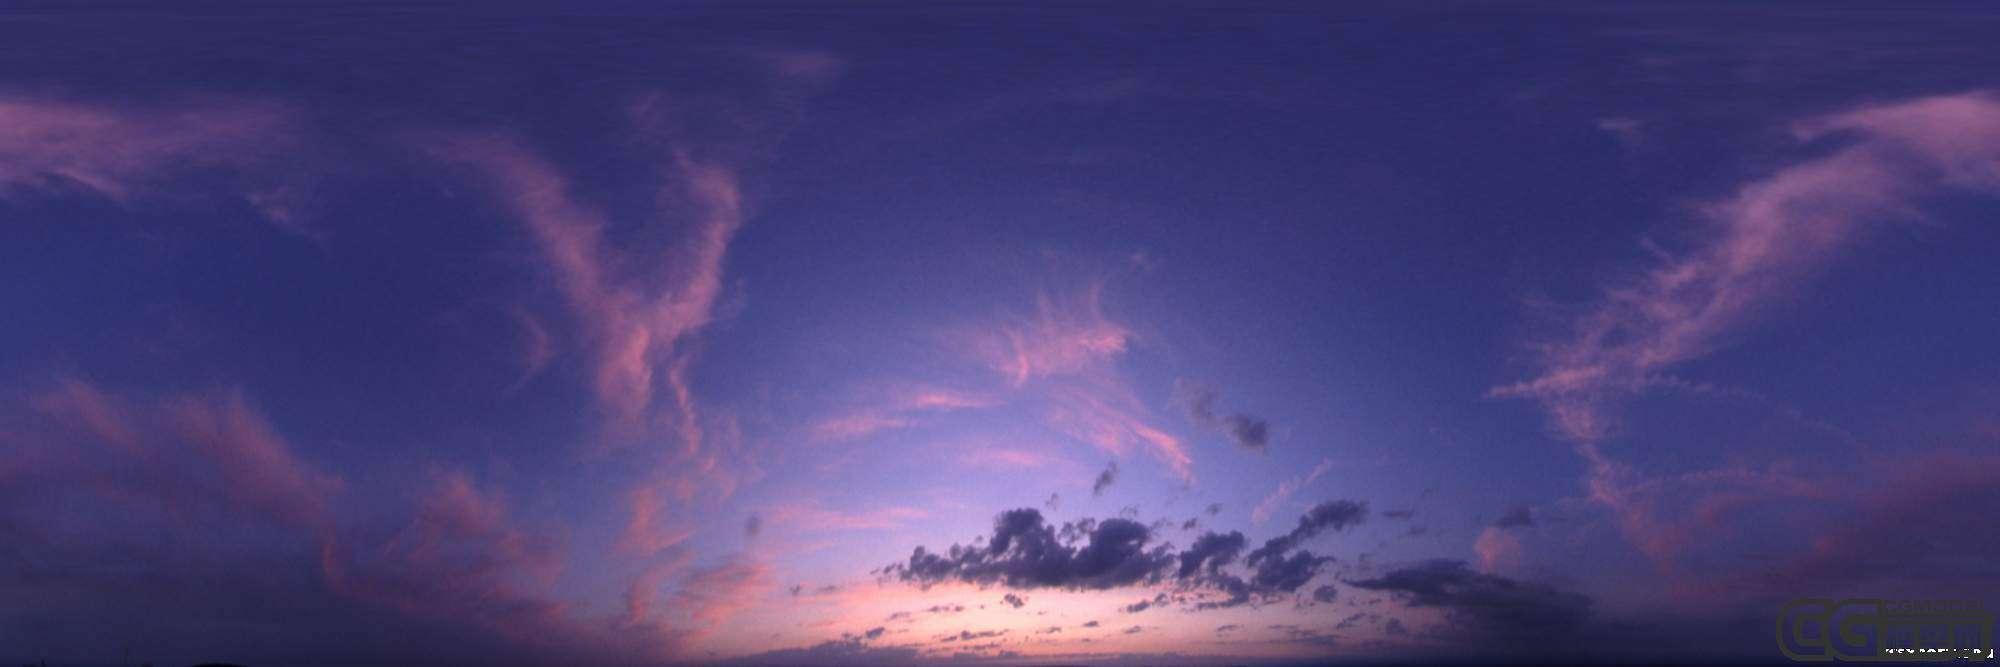 背景 壁纸 风景 气候 气象 天空 桌面 2000_667